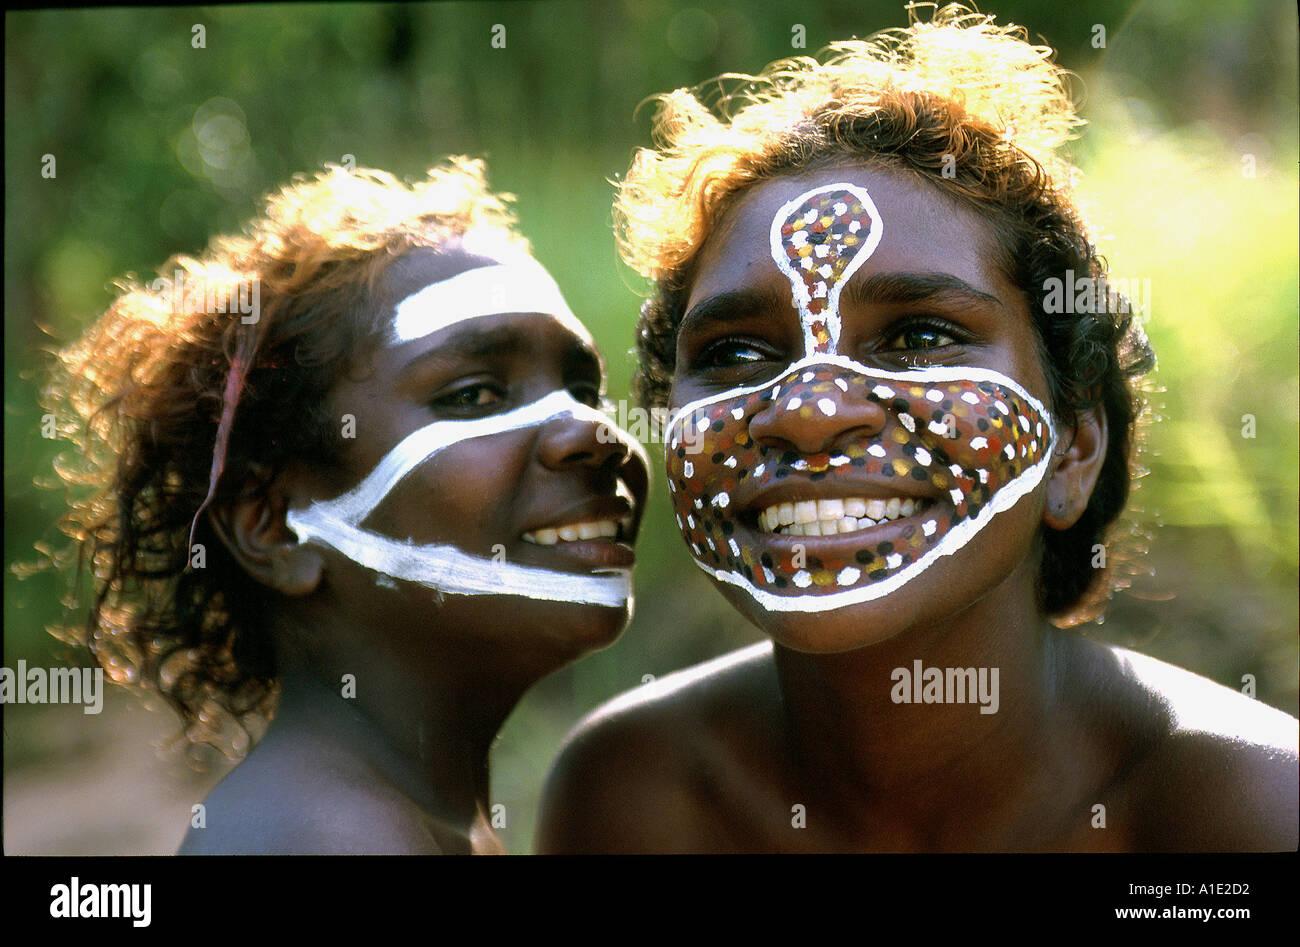 Les sœurs Tessa et Jane profiter de peindre leurs visages avec leurs motifs claniques et les totems de Ramingining ArnhemLand à distance Photo Stock